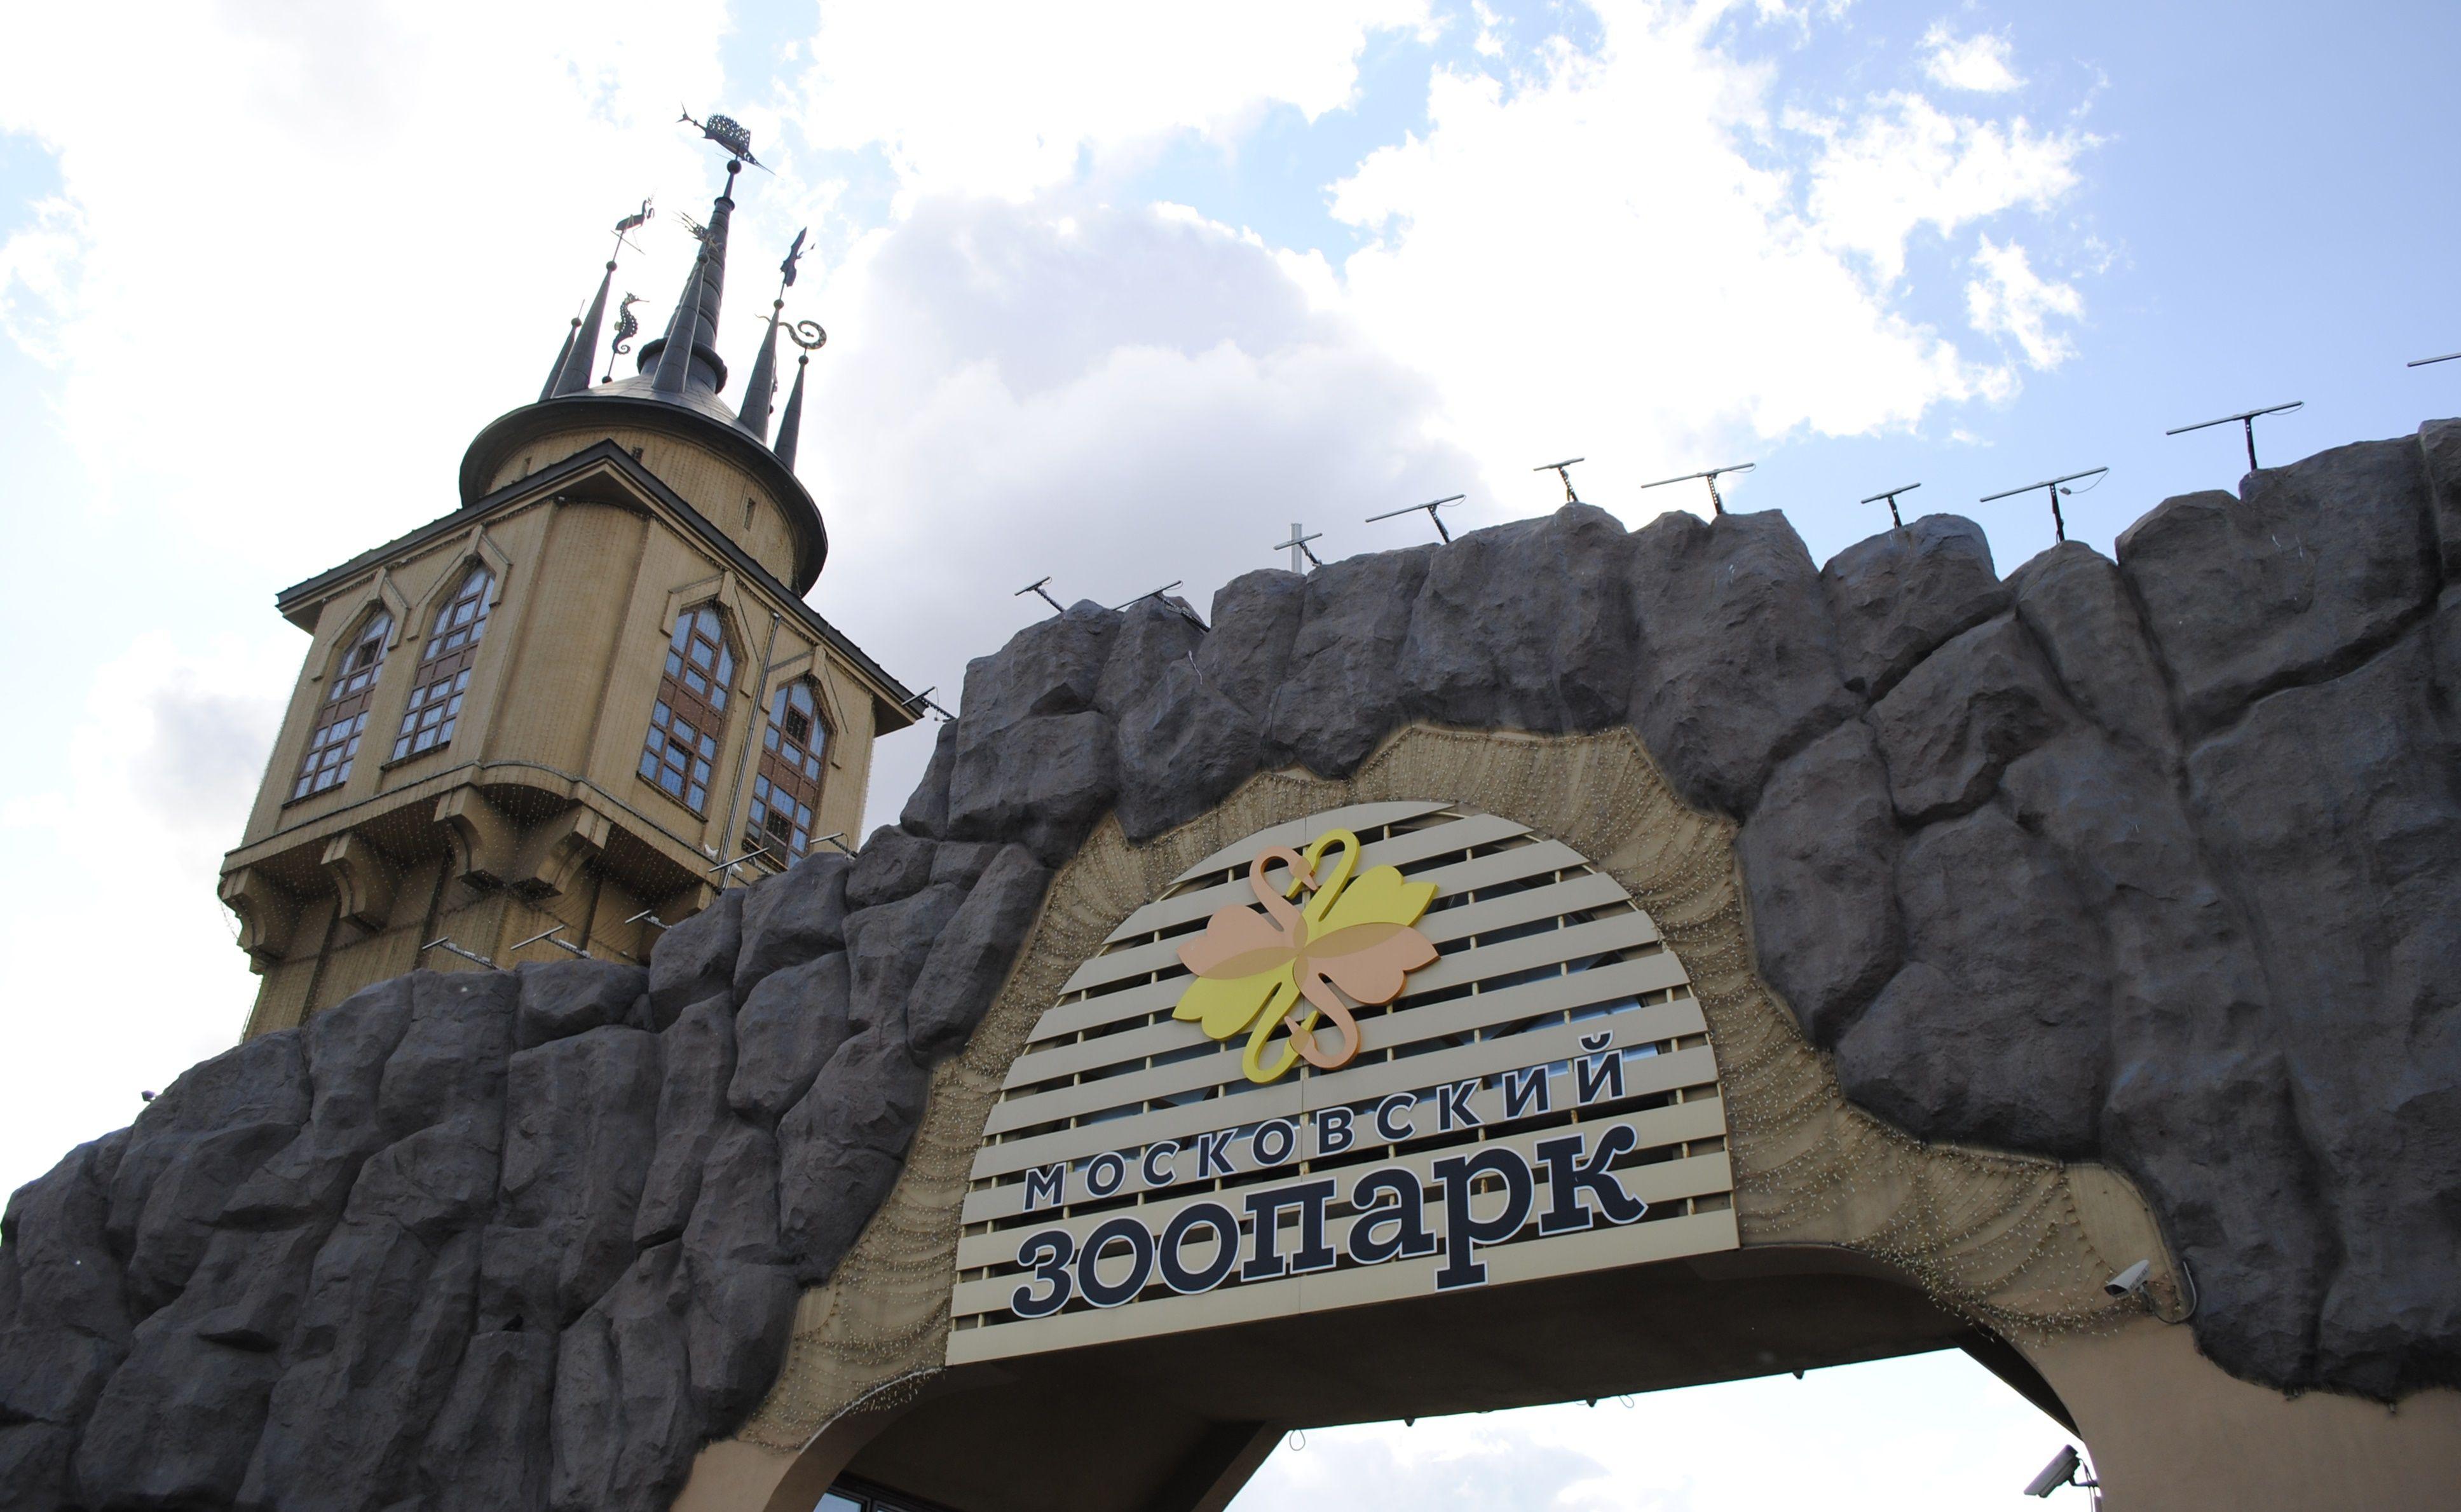 Мост в Московском зоопарке будет расширен более чем в два раза